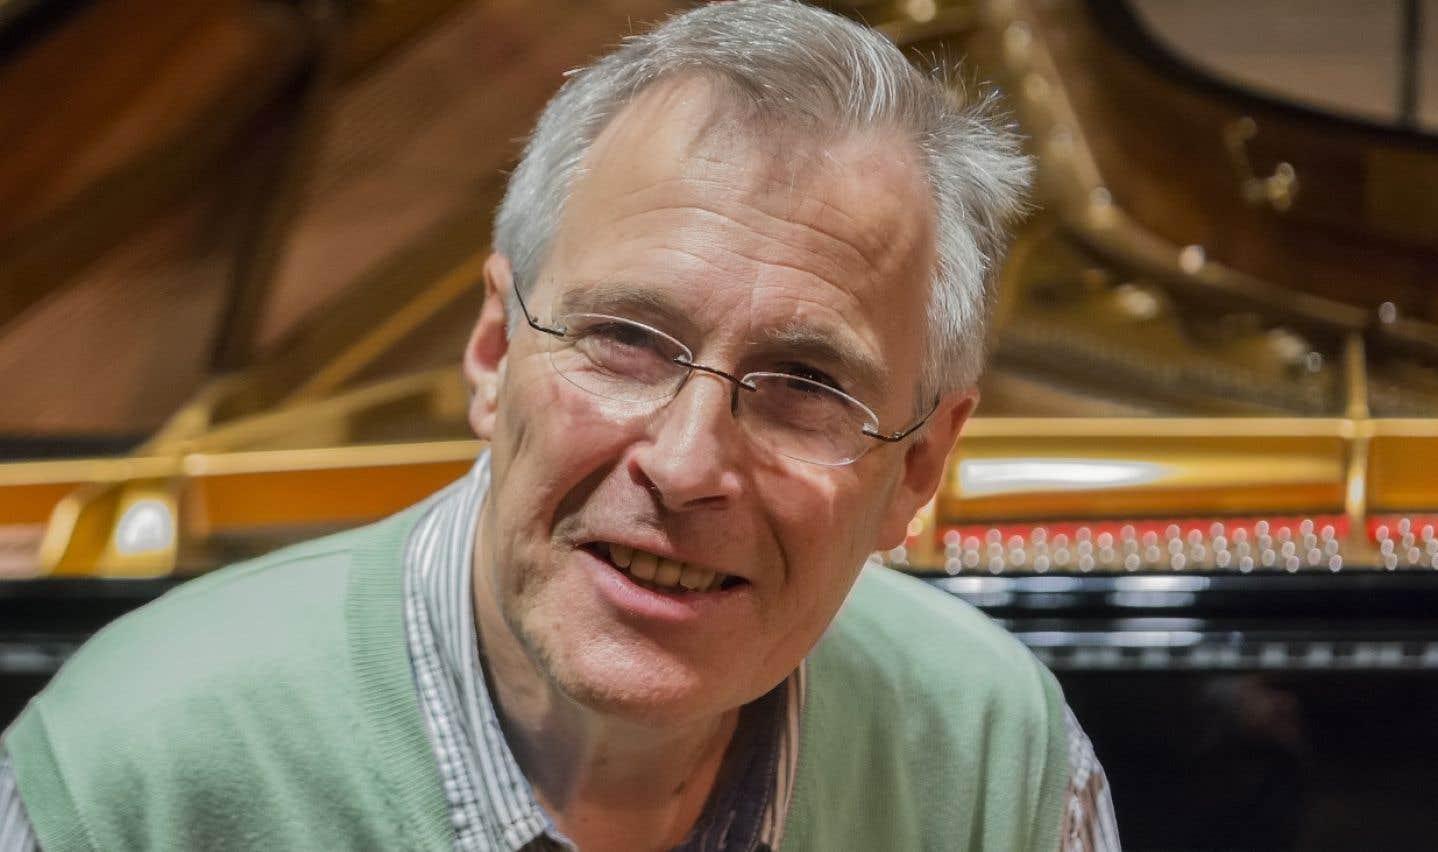 Il faut se précipiter à la Maison symphonique de Montréal samedi ou dimanche pour voir ce mage de la musique, le pianiste Christian Zacharias.